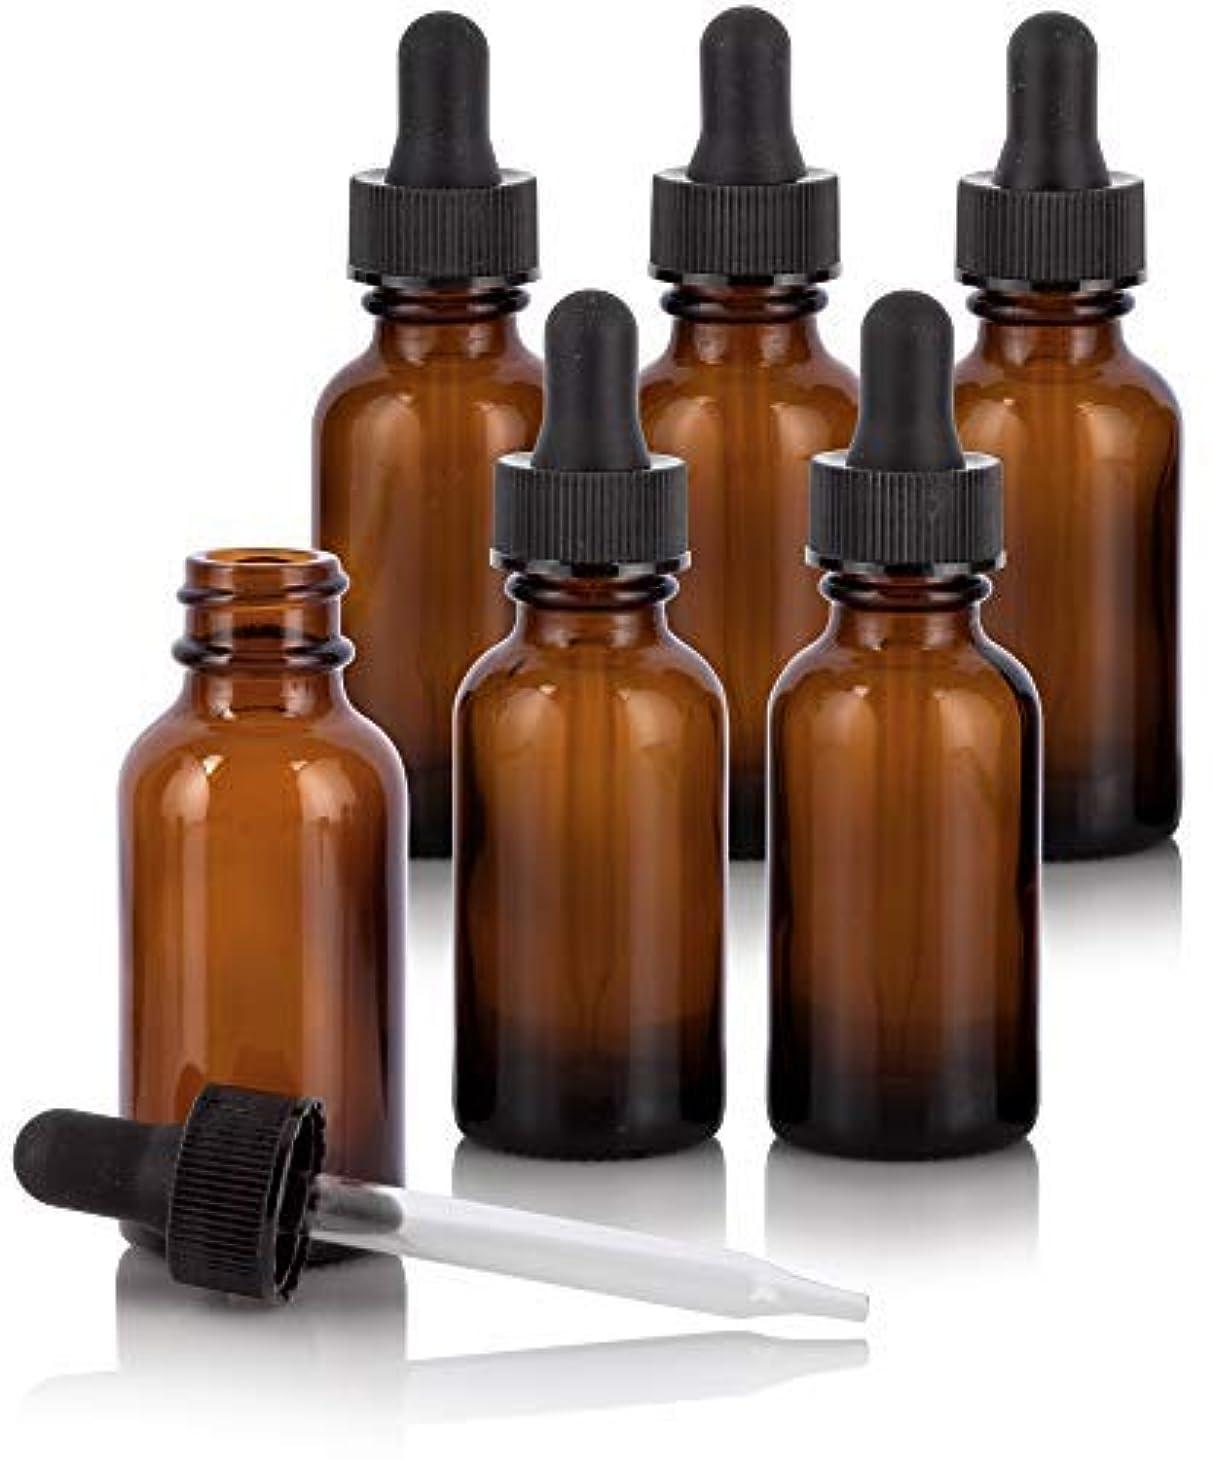 論争の的倍率医療過誤1 oz Amber Glass Boston Round Dropper Bottle (6 Pack) + Funnel and Labels for Essential Oils, Aromatherapy, e-Liquid...